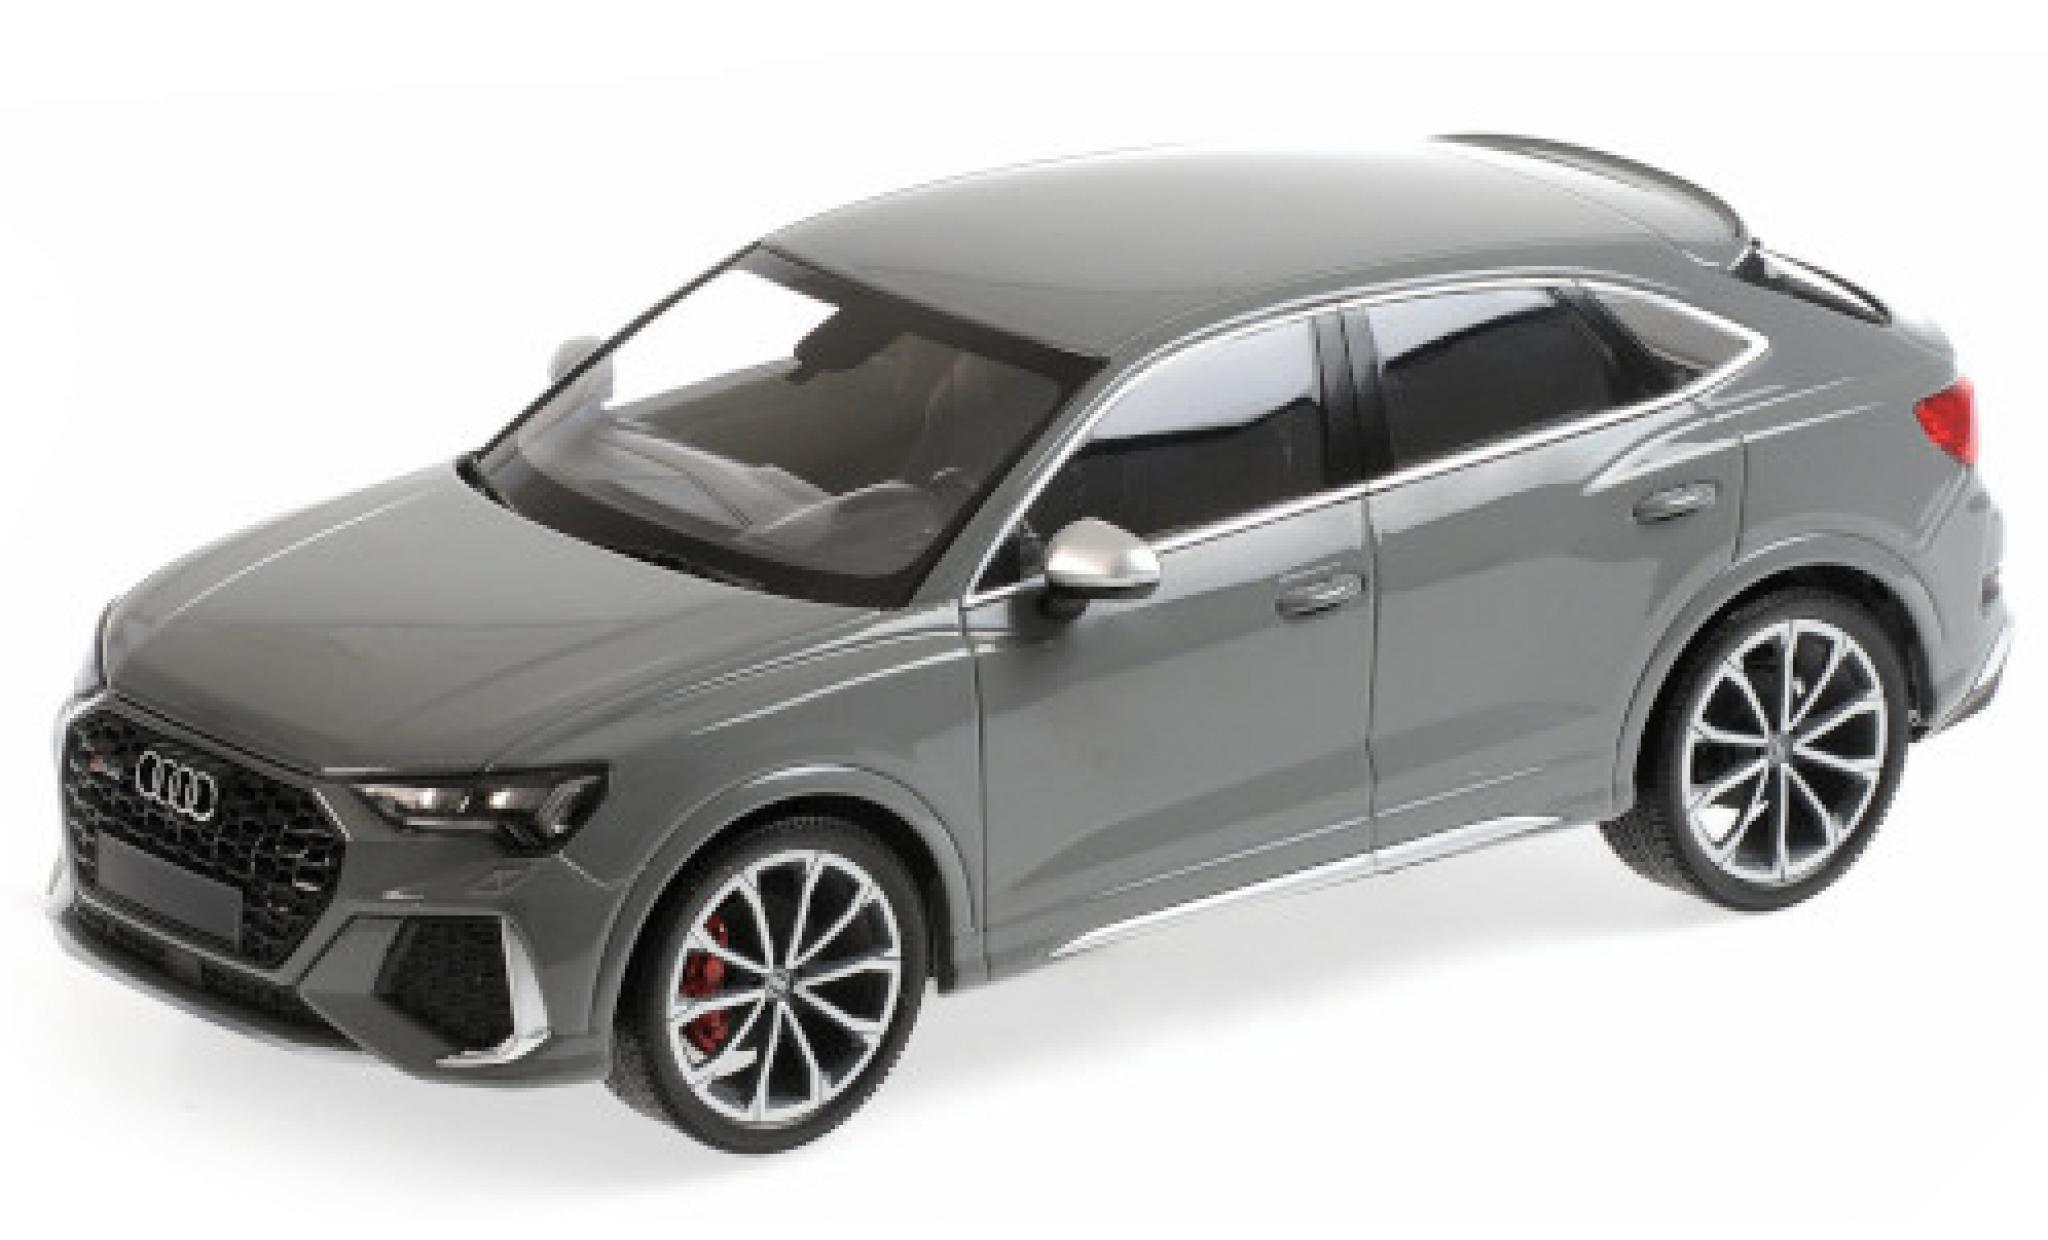 Audi RS Q3 1/18 Minichamps RSQ3 grey 2019